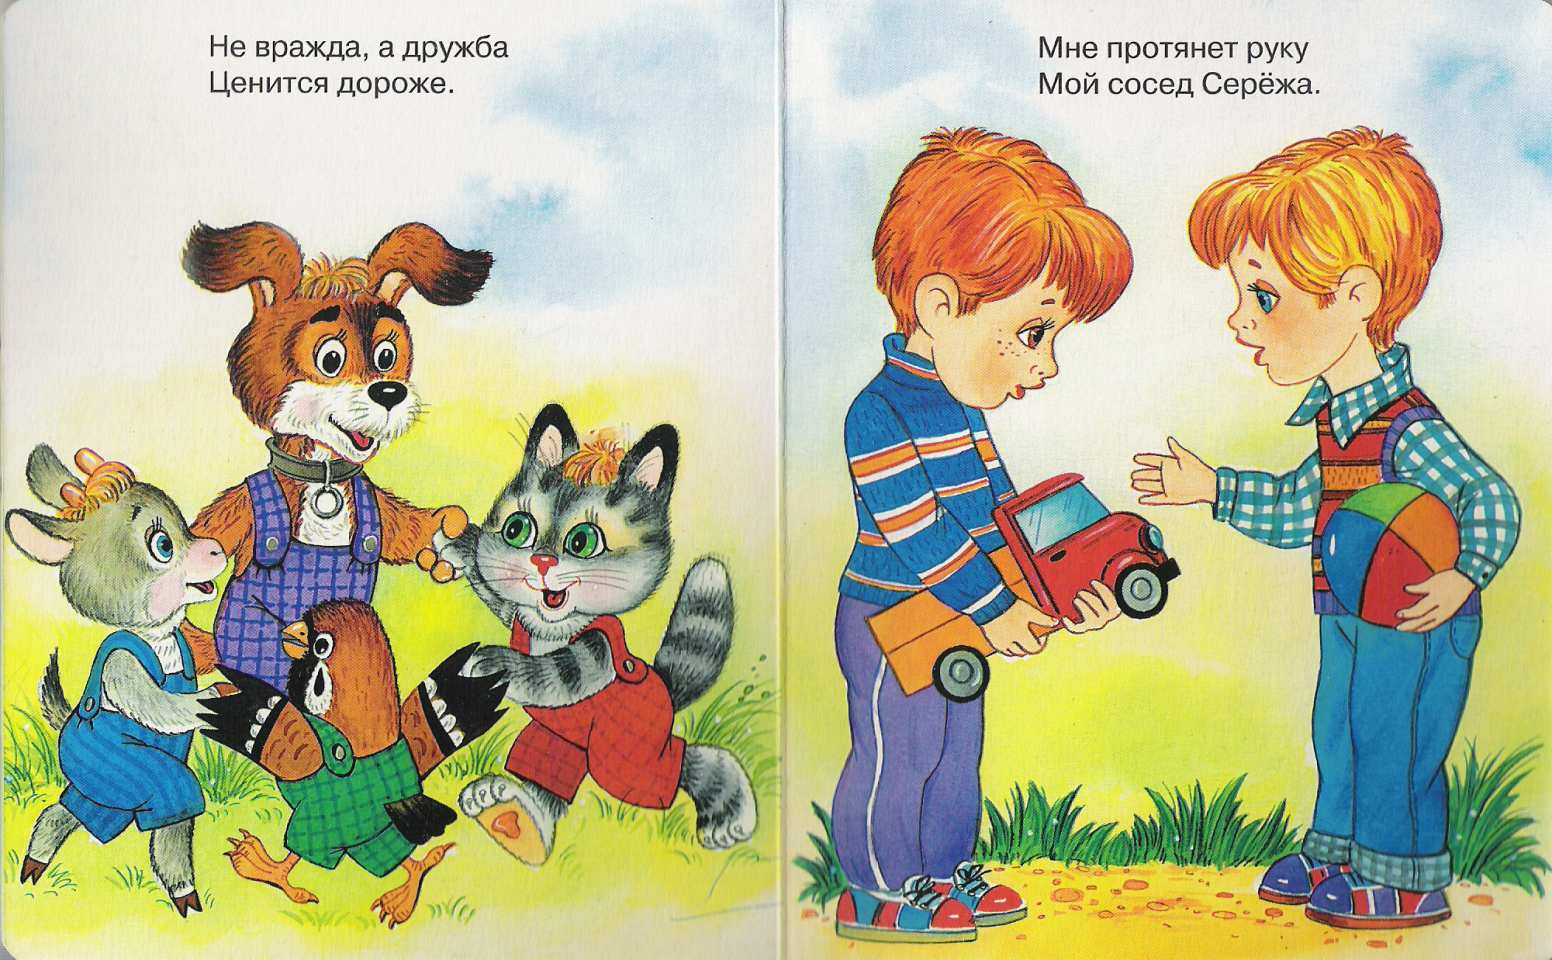 Рисунок и рассказ про дружбу